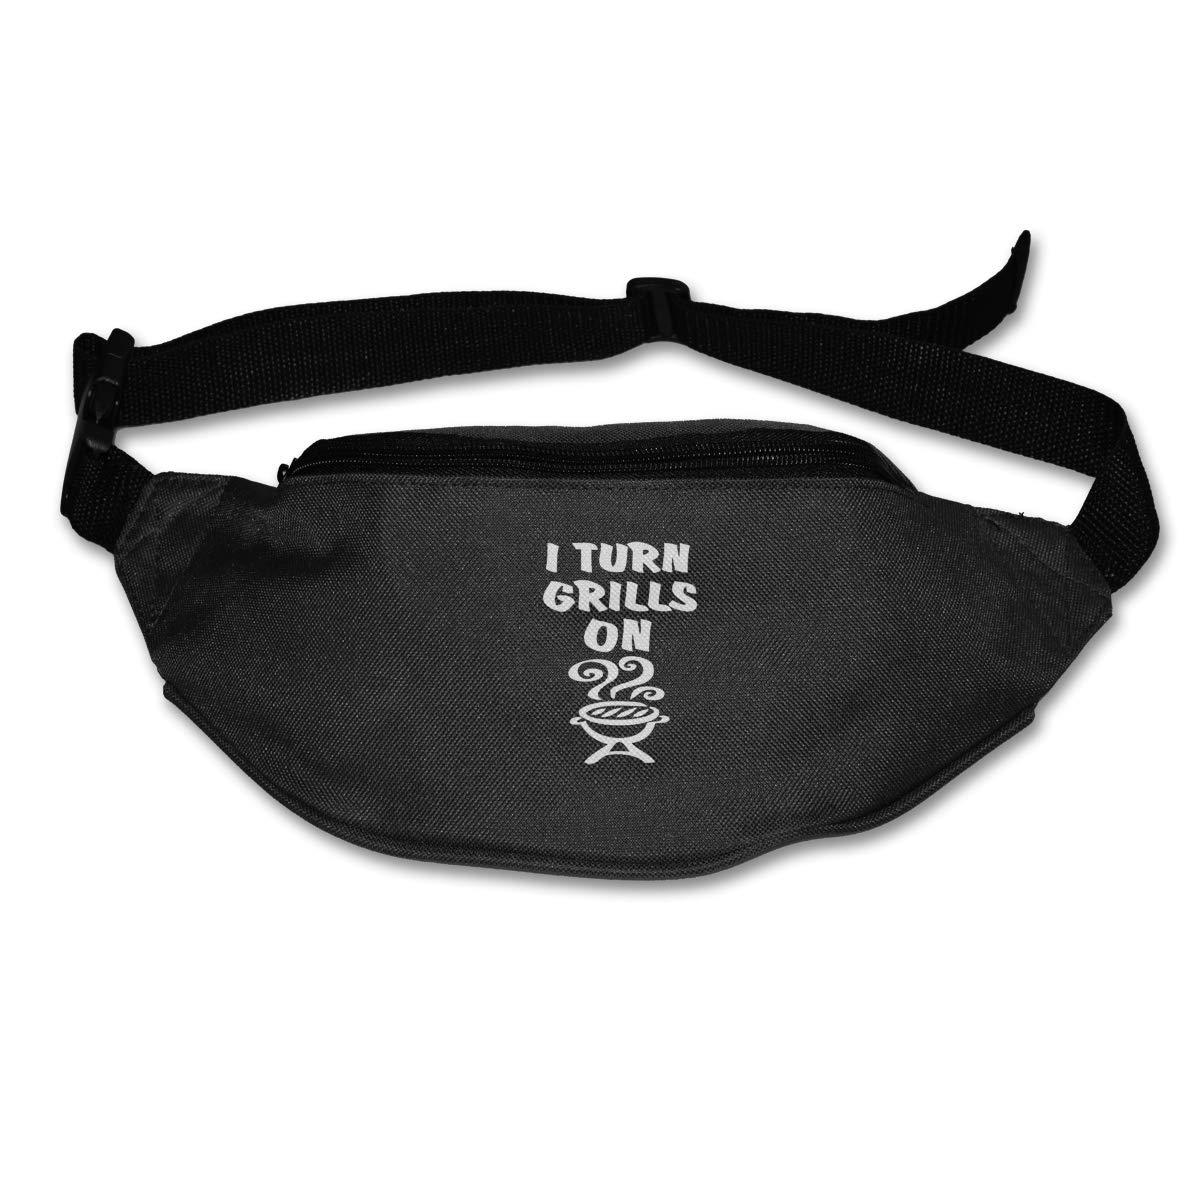 I Turn Grills On Sport Waist Bag Fanny Pack Adjustable For Travel